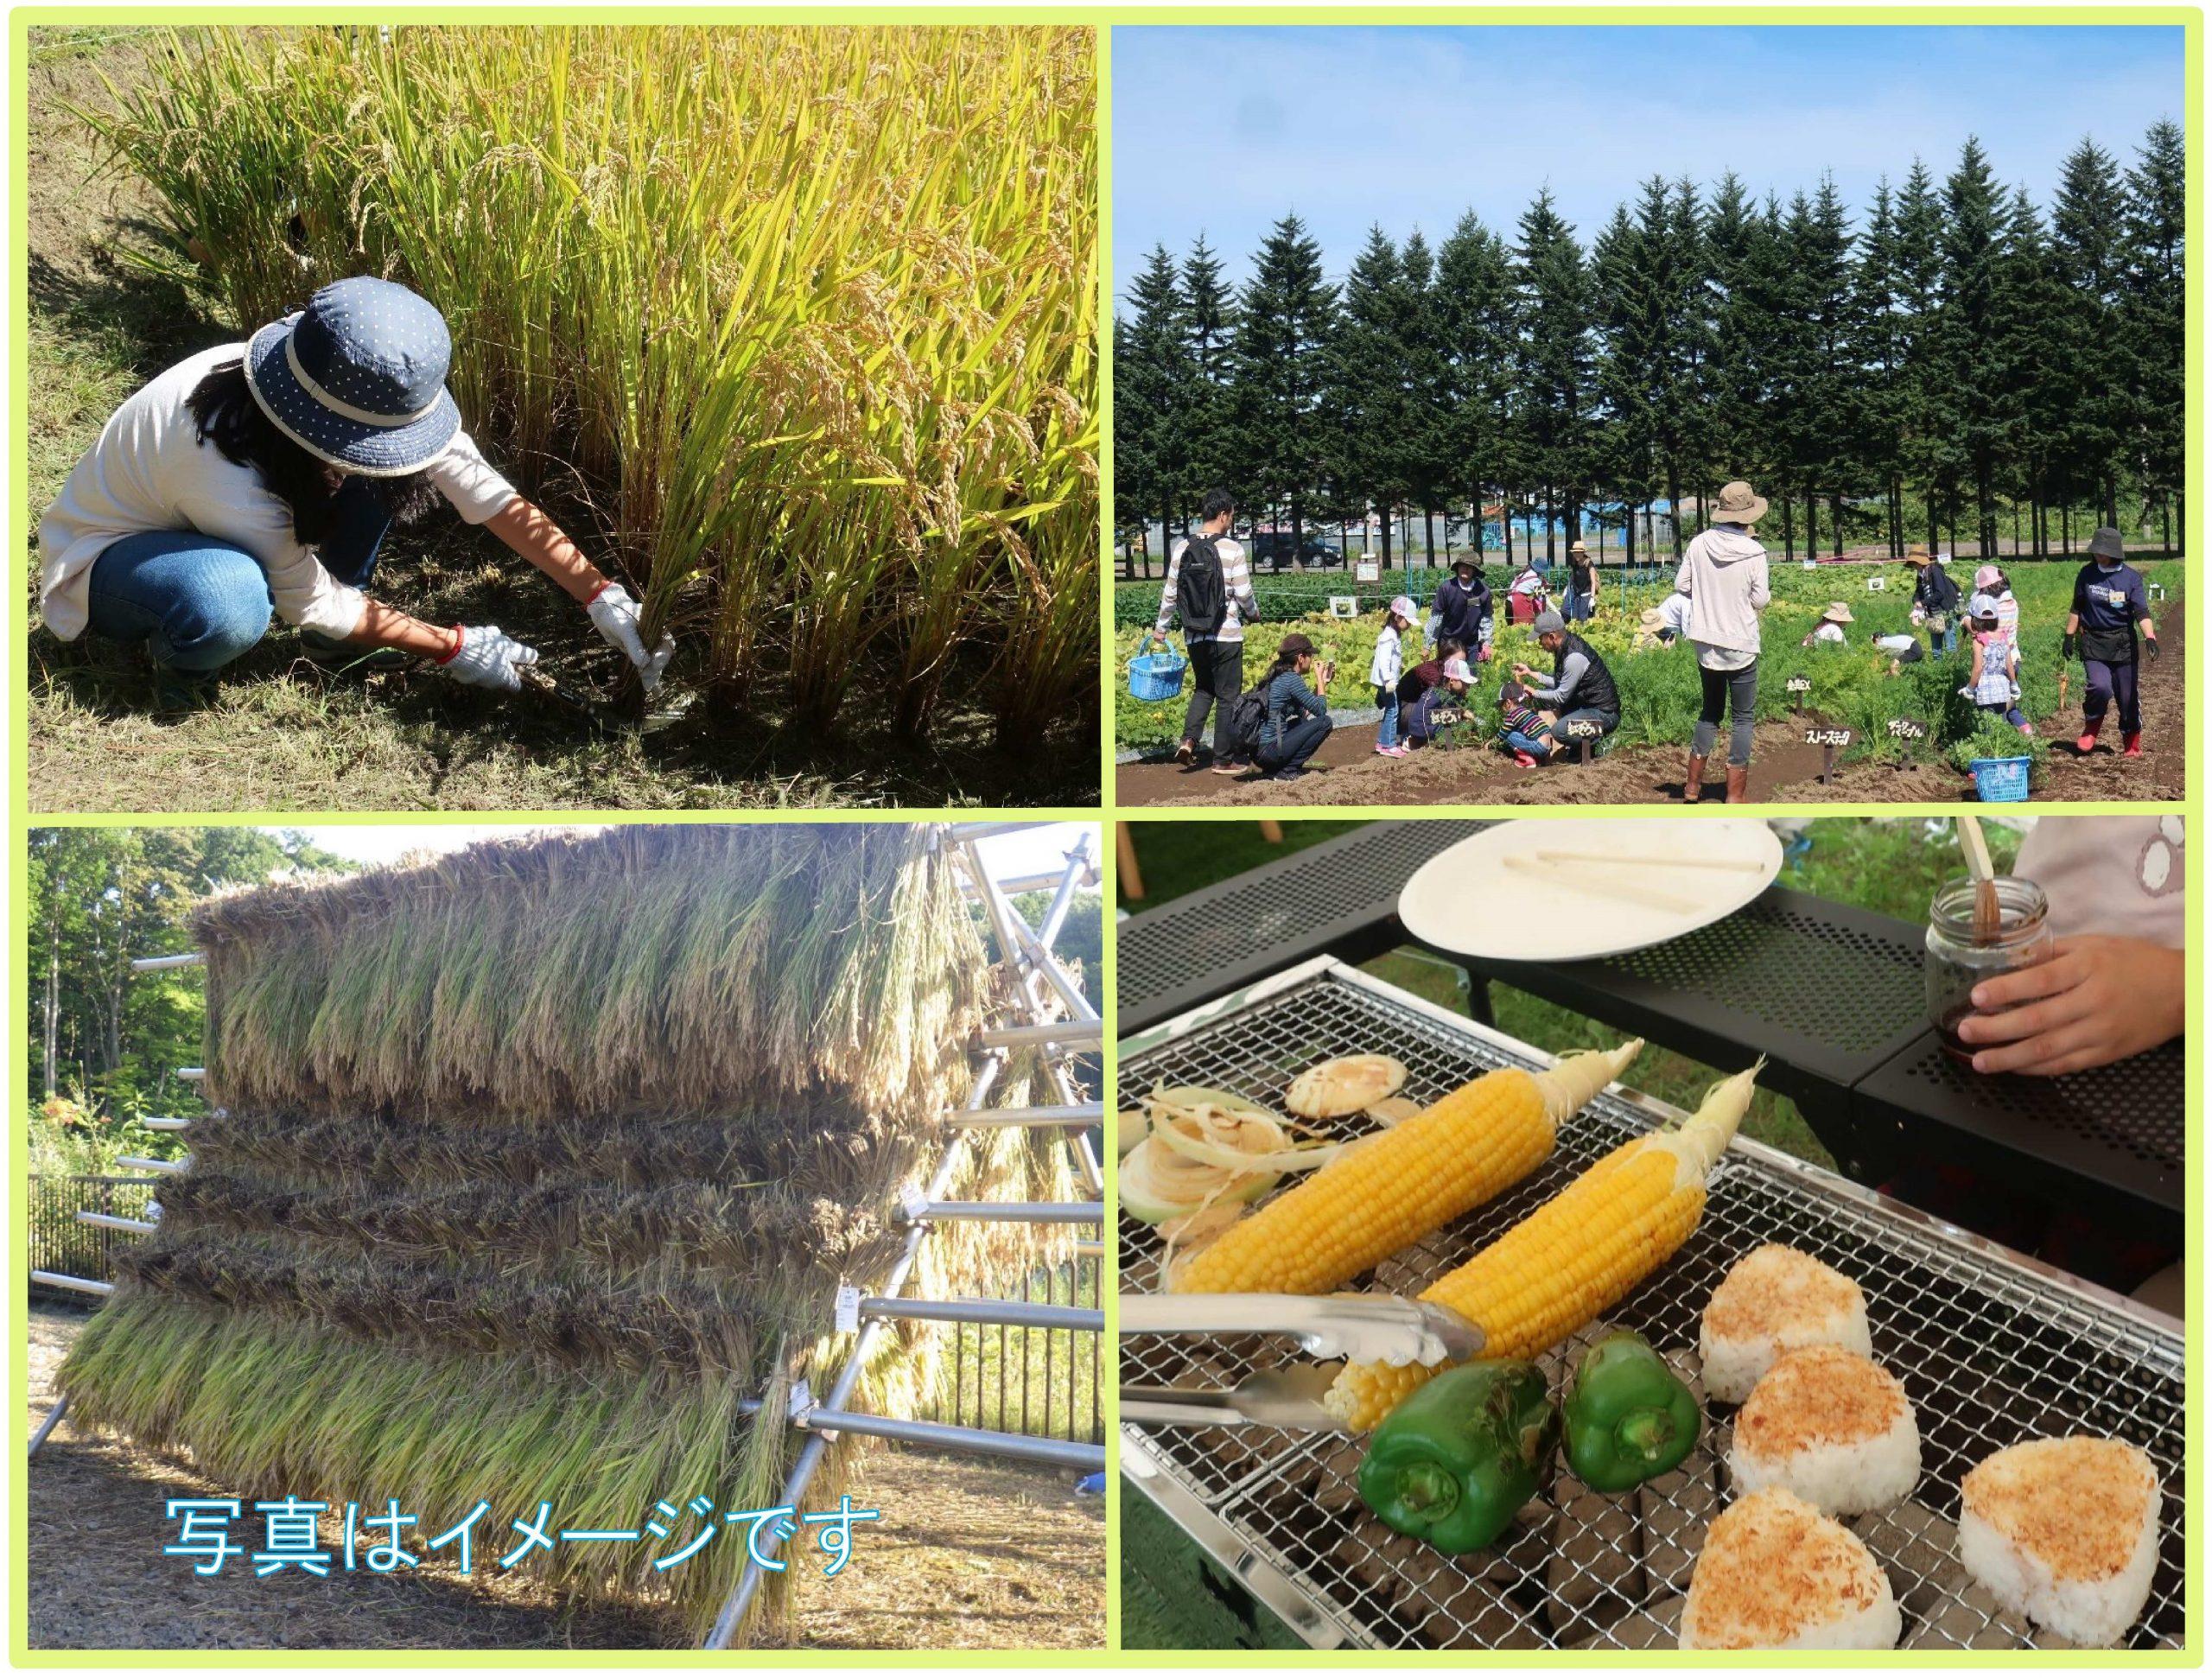 稲刈りをして焼きおにぎりを作って食べよう (旬野菜の収穫付)